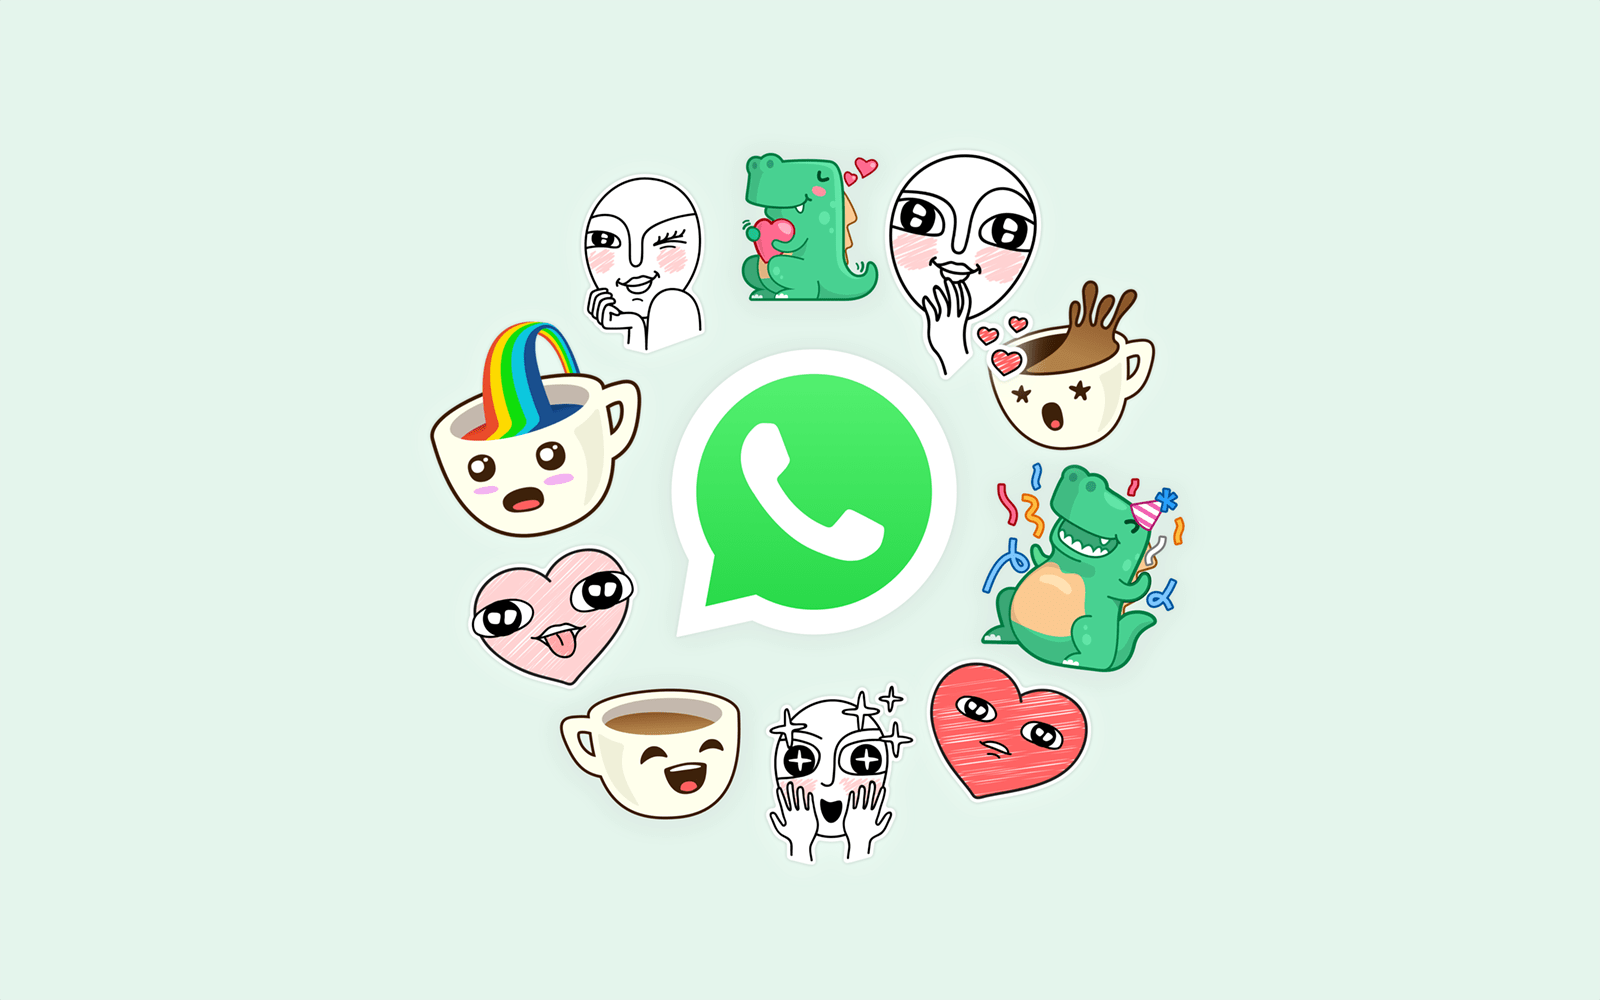 معرفی و دانلود WhatsApp Stickers استیکر واتس اپ